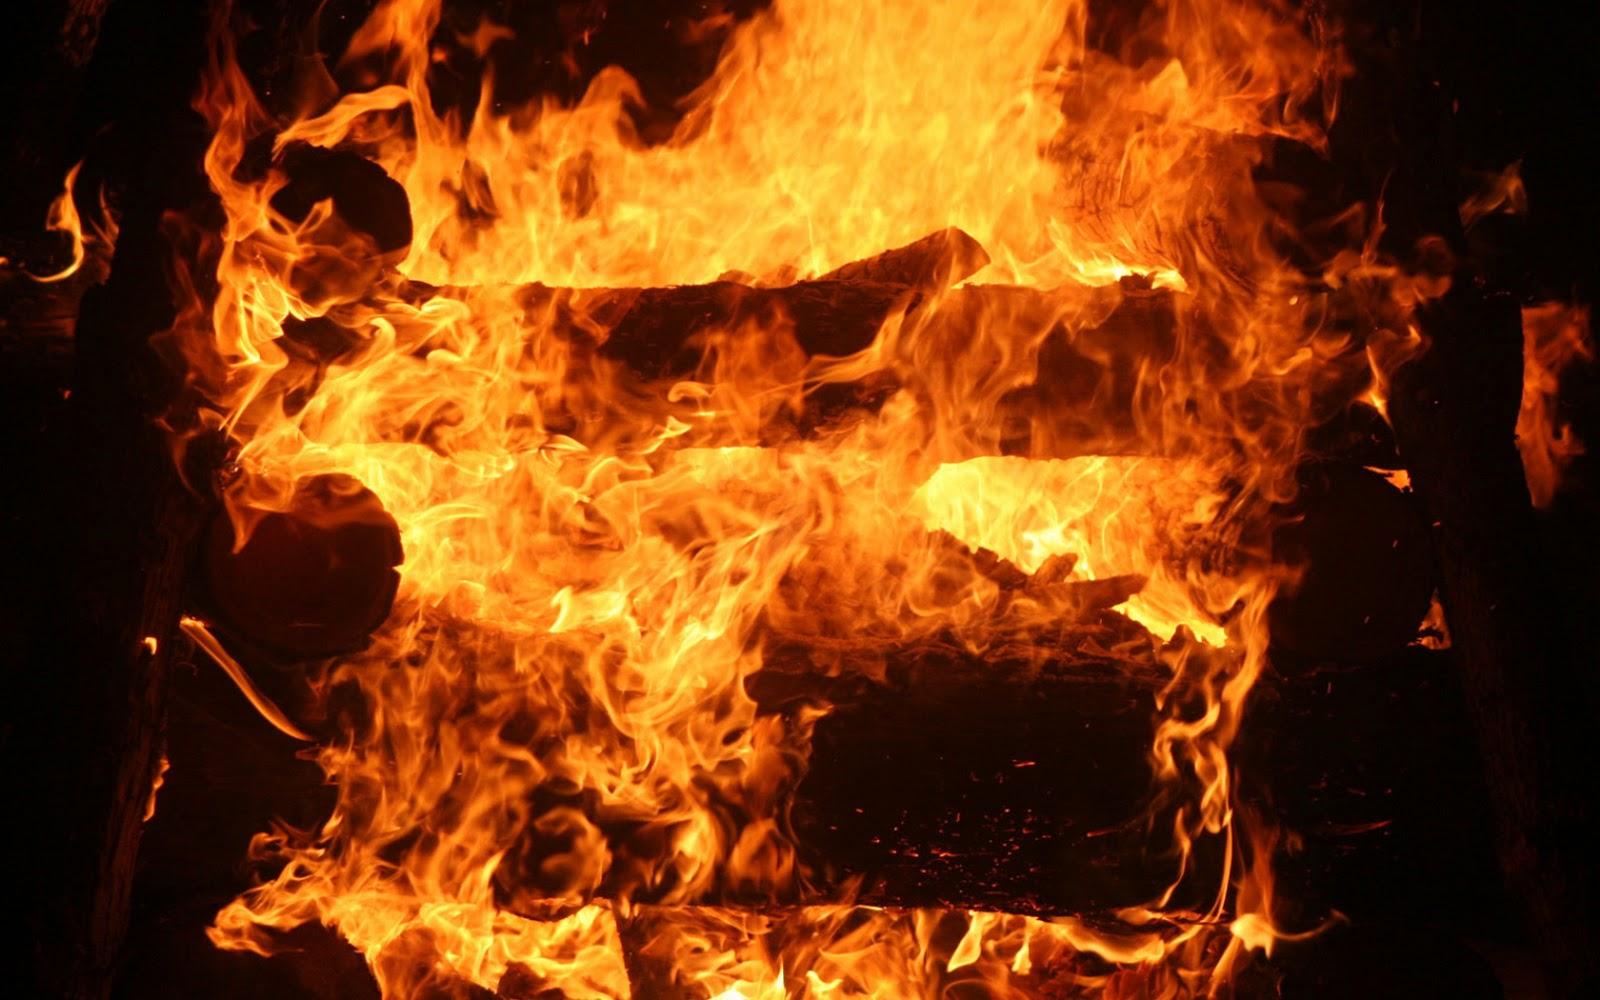 Fondo de pantalla abstracto fuego en la chimenea - Protector chimenea ninos ...